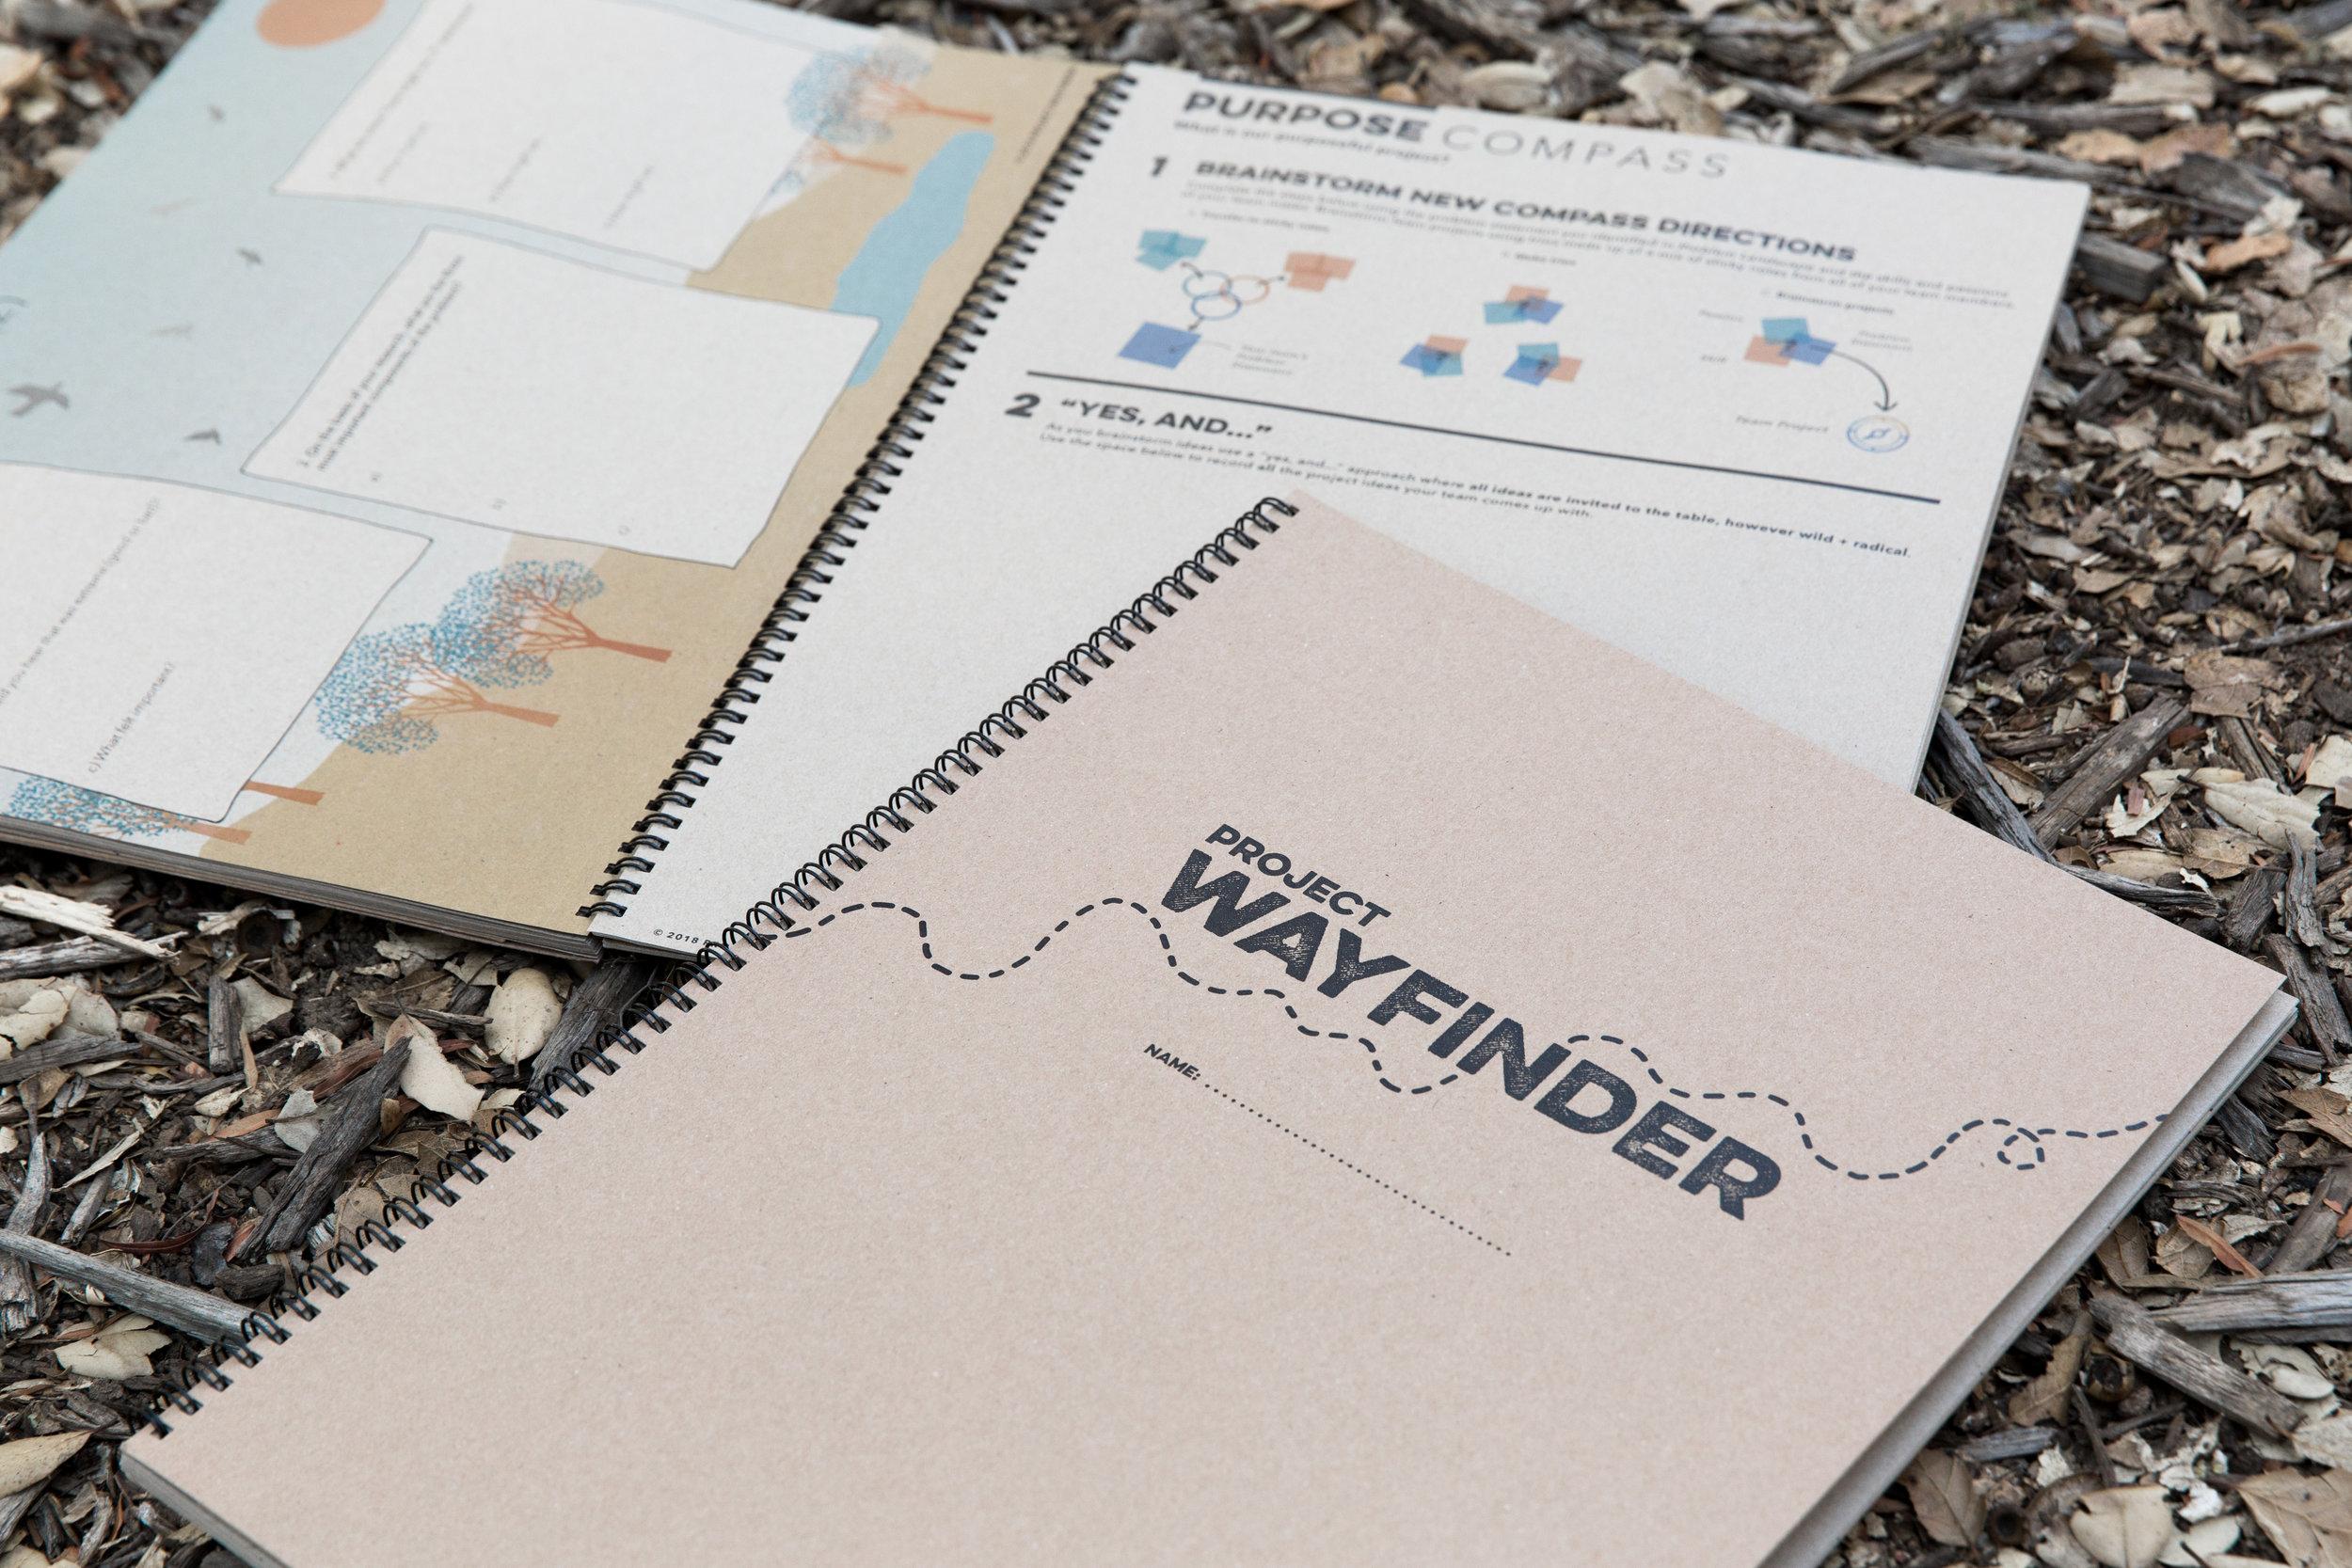 Wayfinder_TeacherTraining_June2018_PatrickBeaudouin_076.jpg